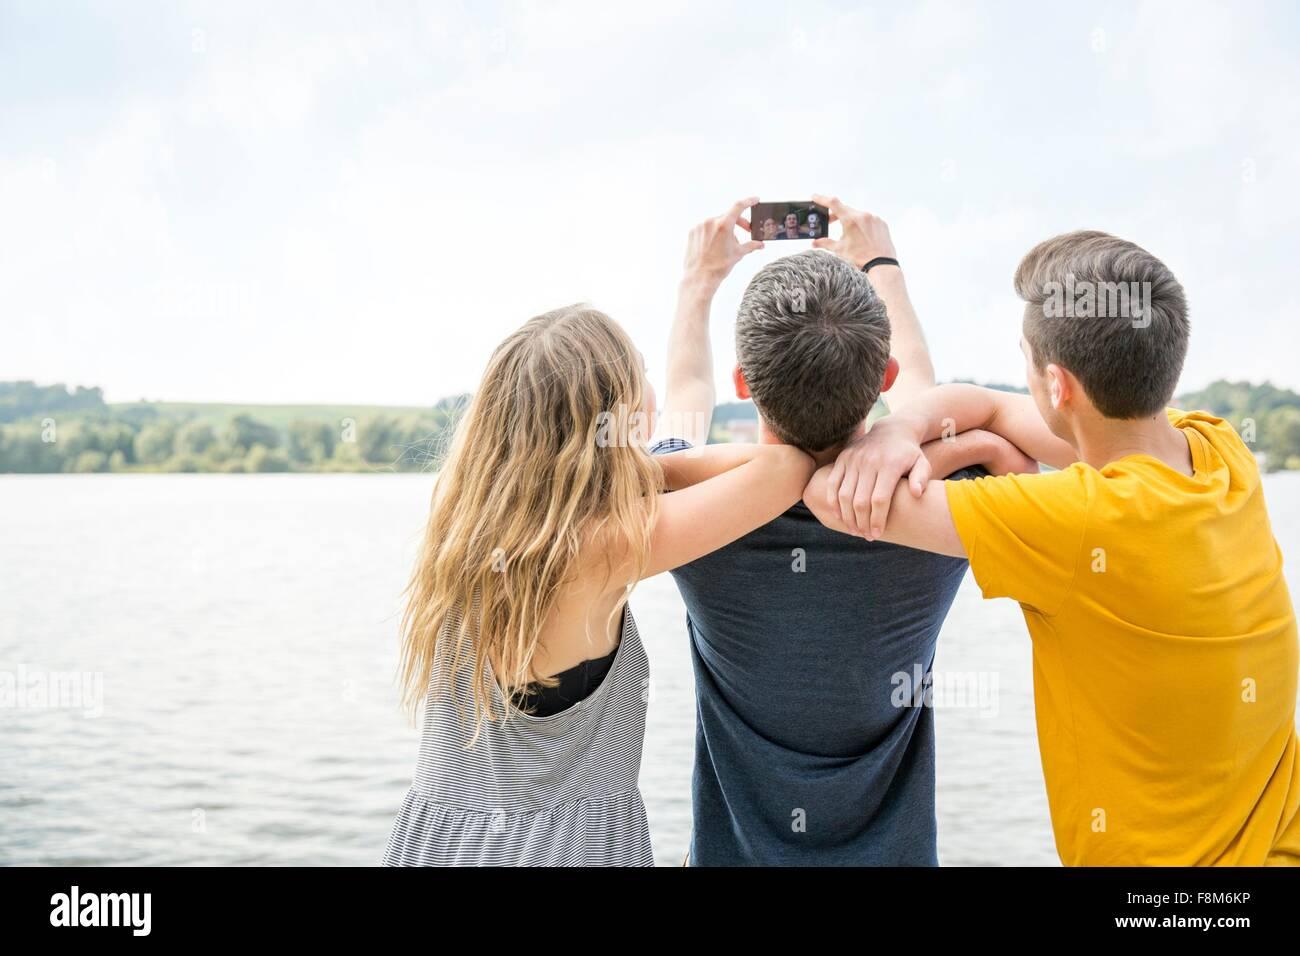 Tres jóvenes adultos tomando autorretrato con smartphone, vista trasera Imagen De Stock